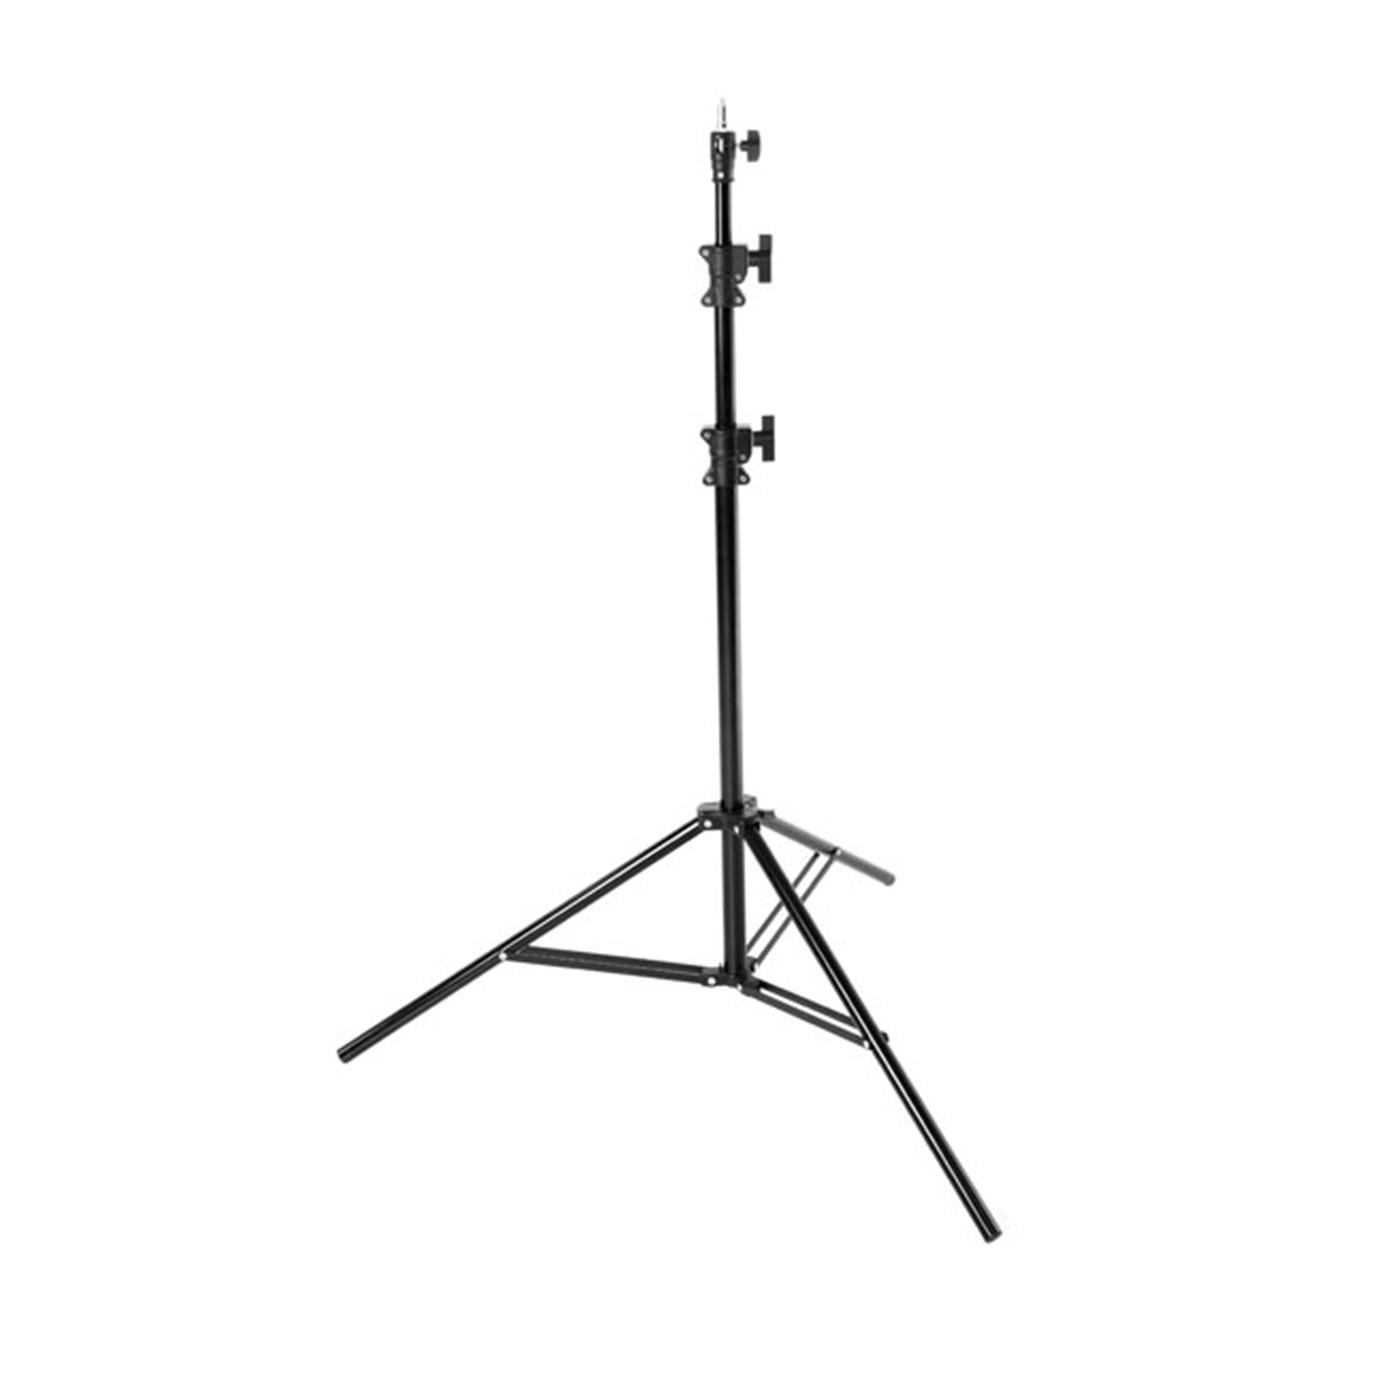 PVE MZ 3000FP Lightstand_n